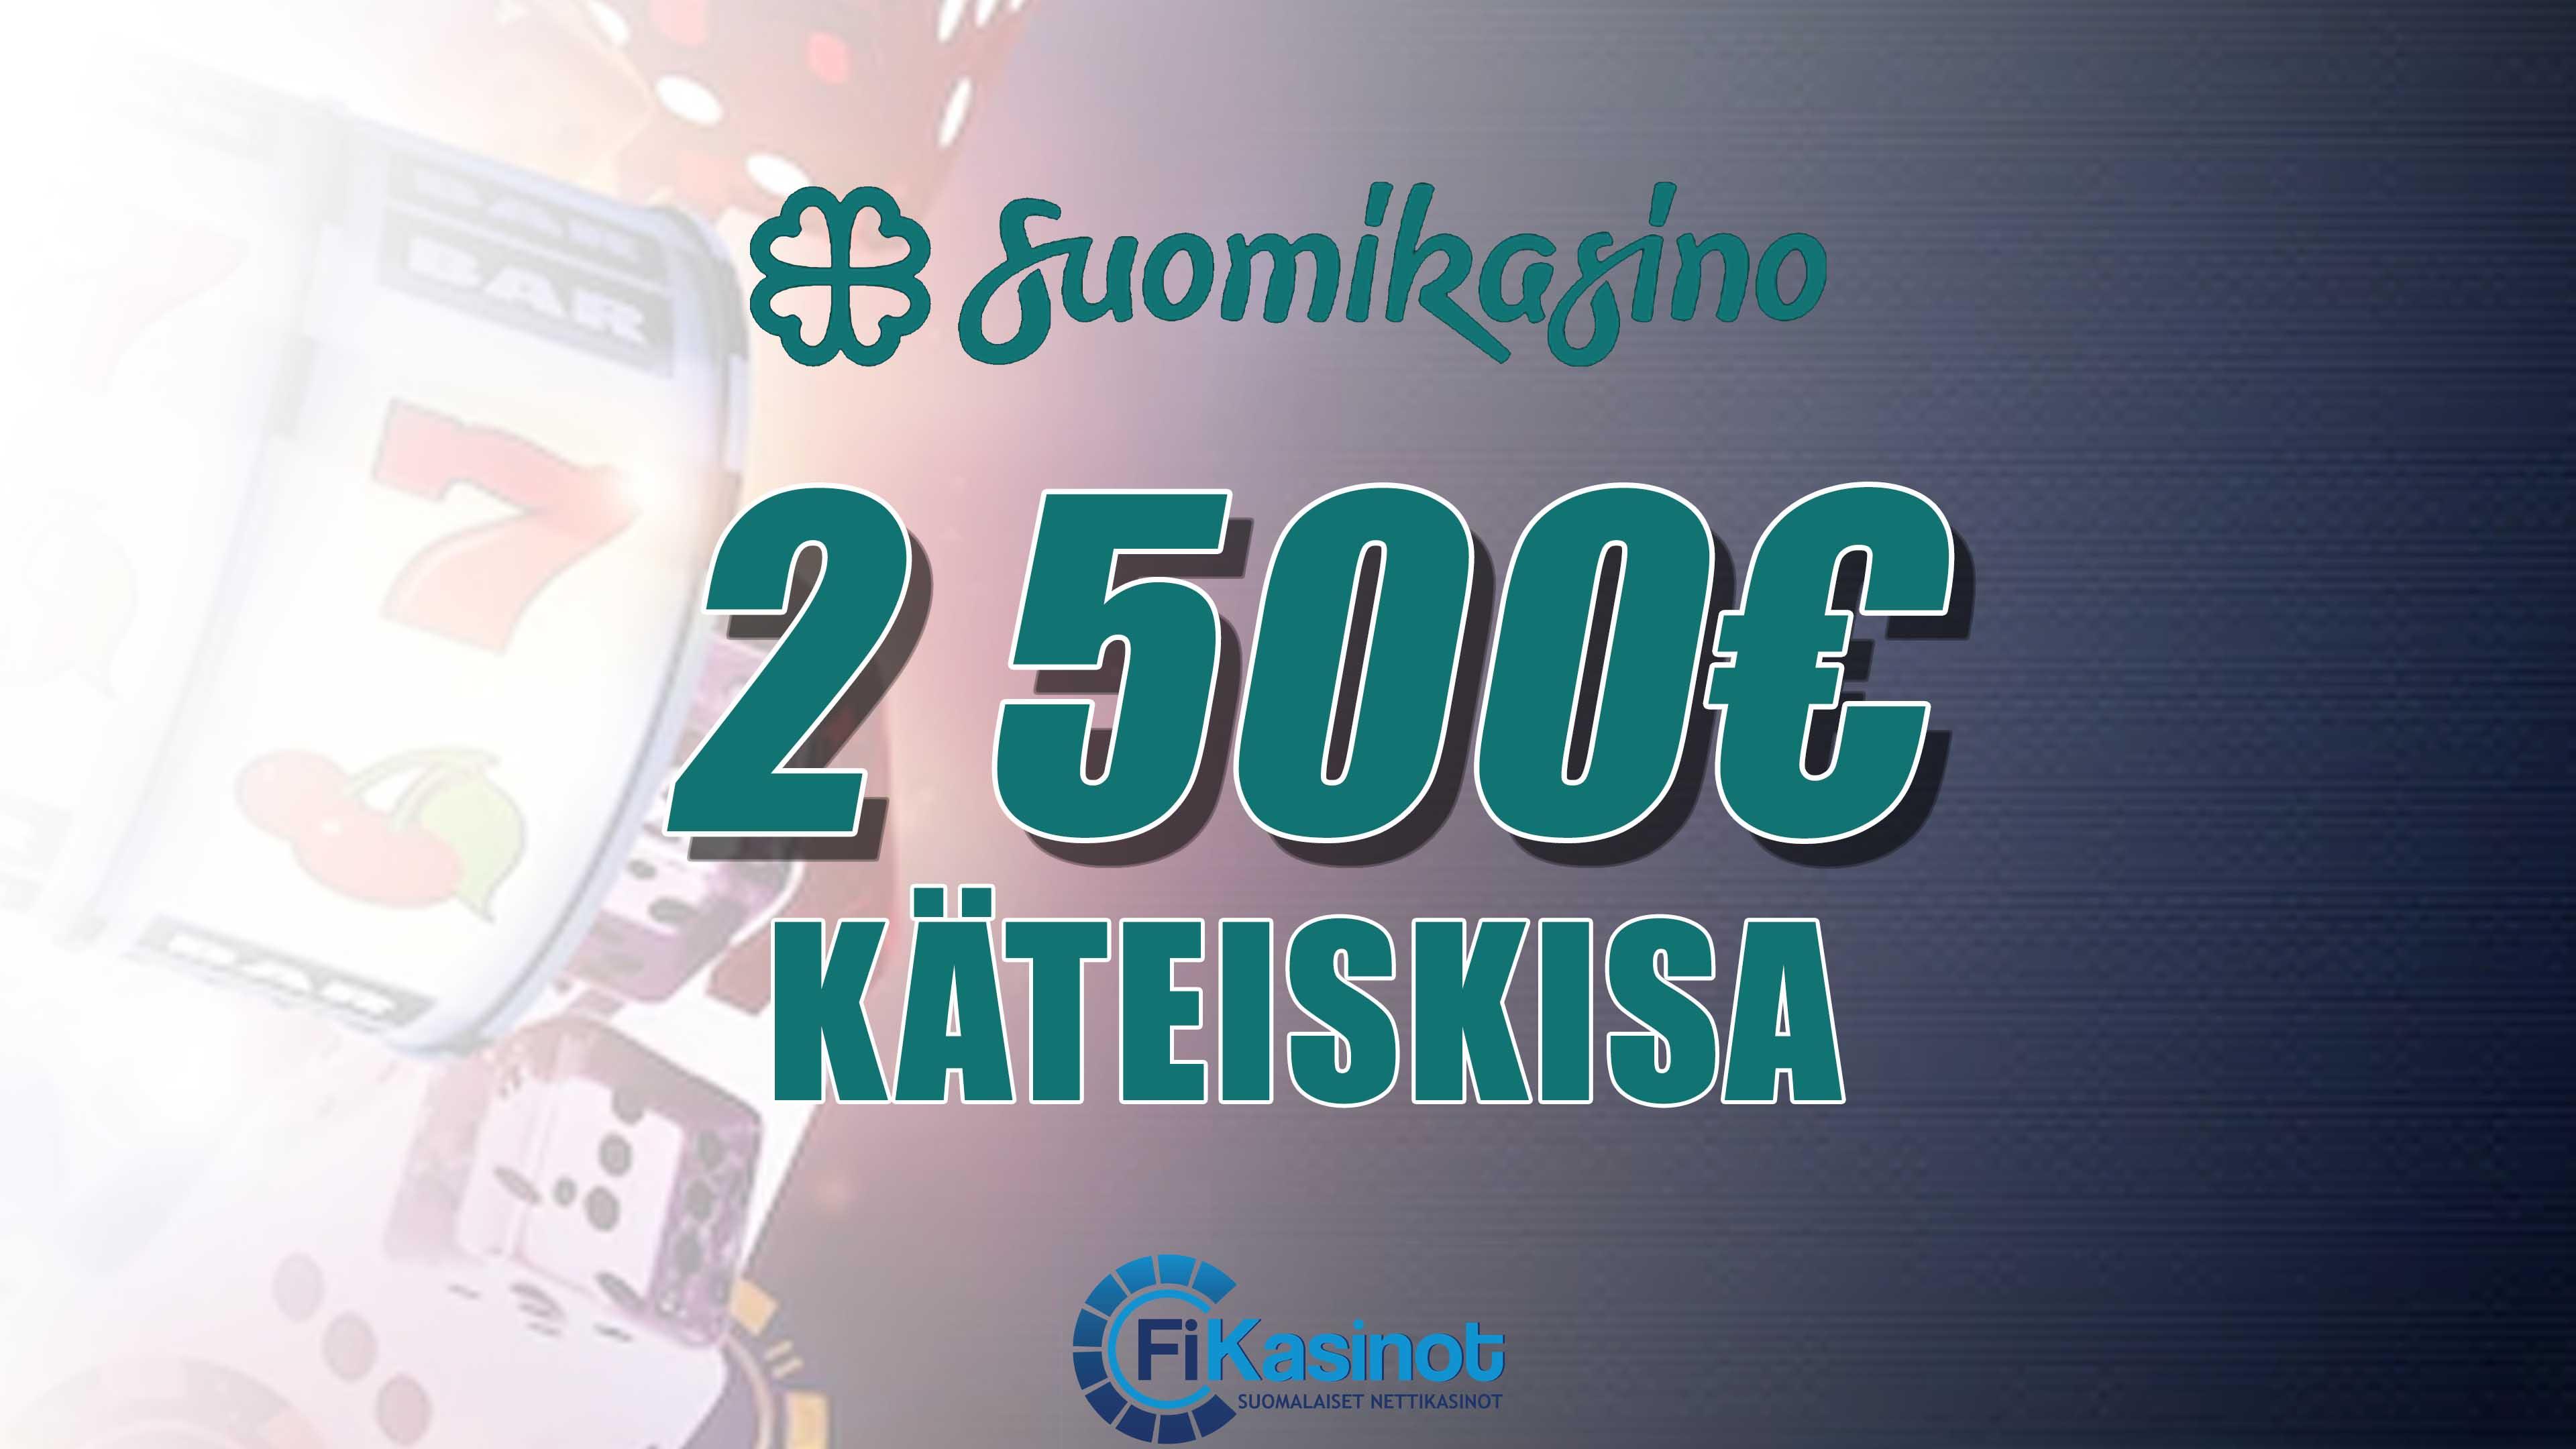 Suomikasinon 2 500 euron käteiskisa